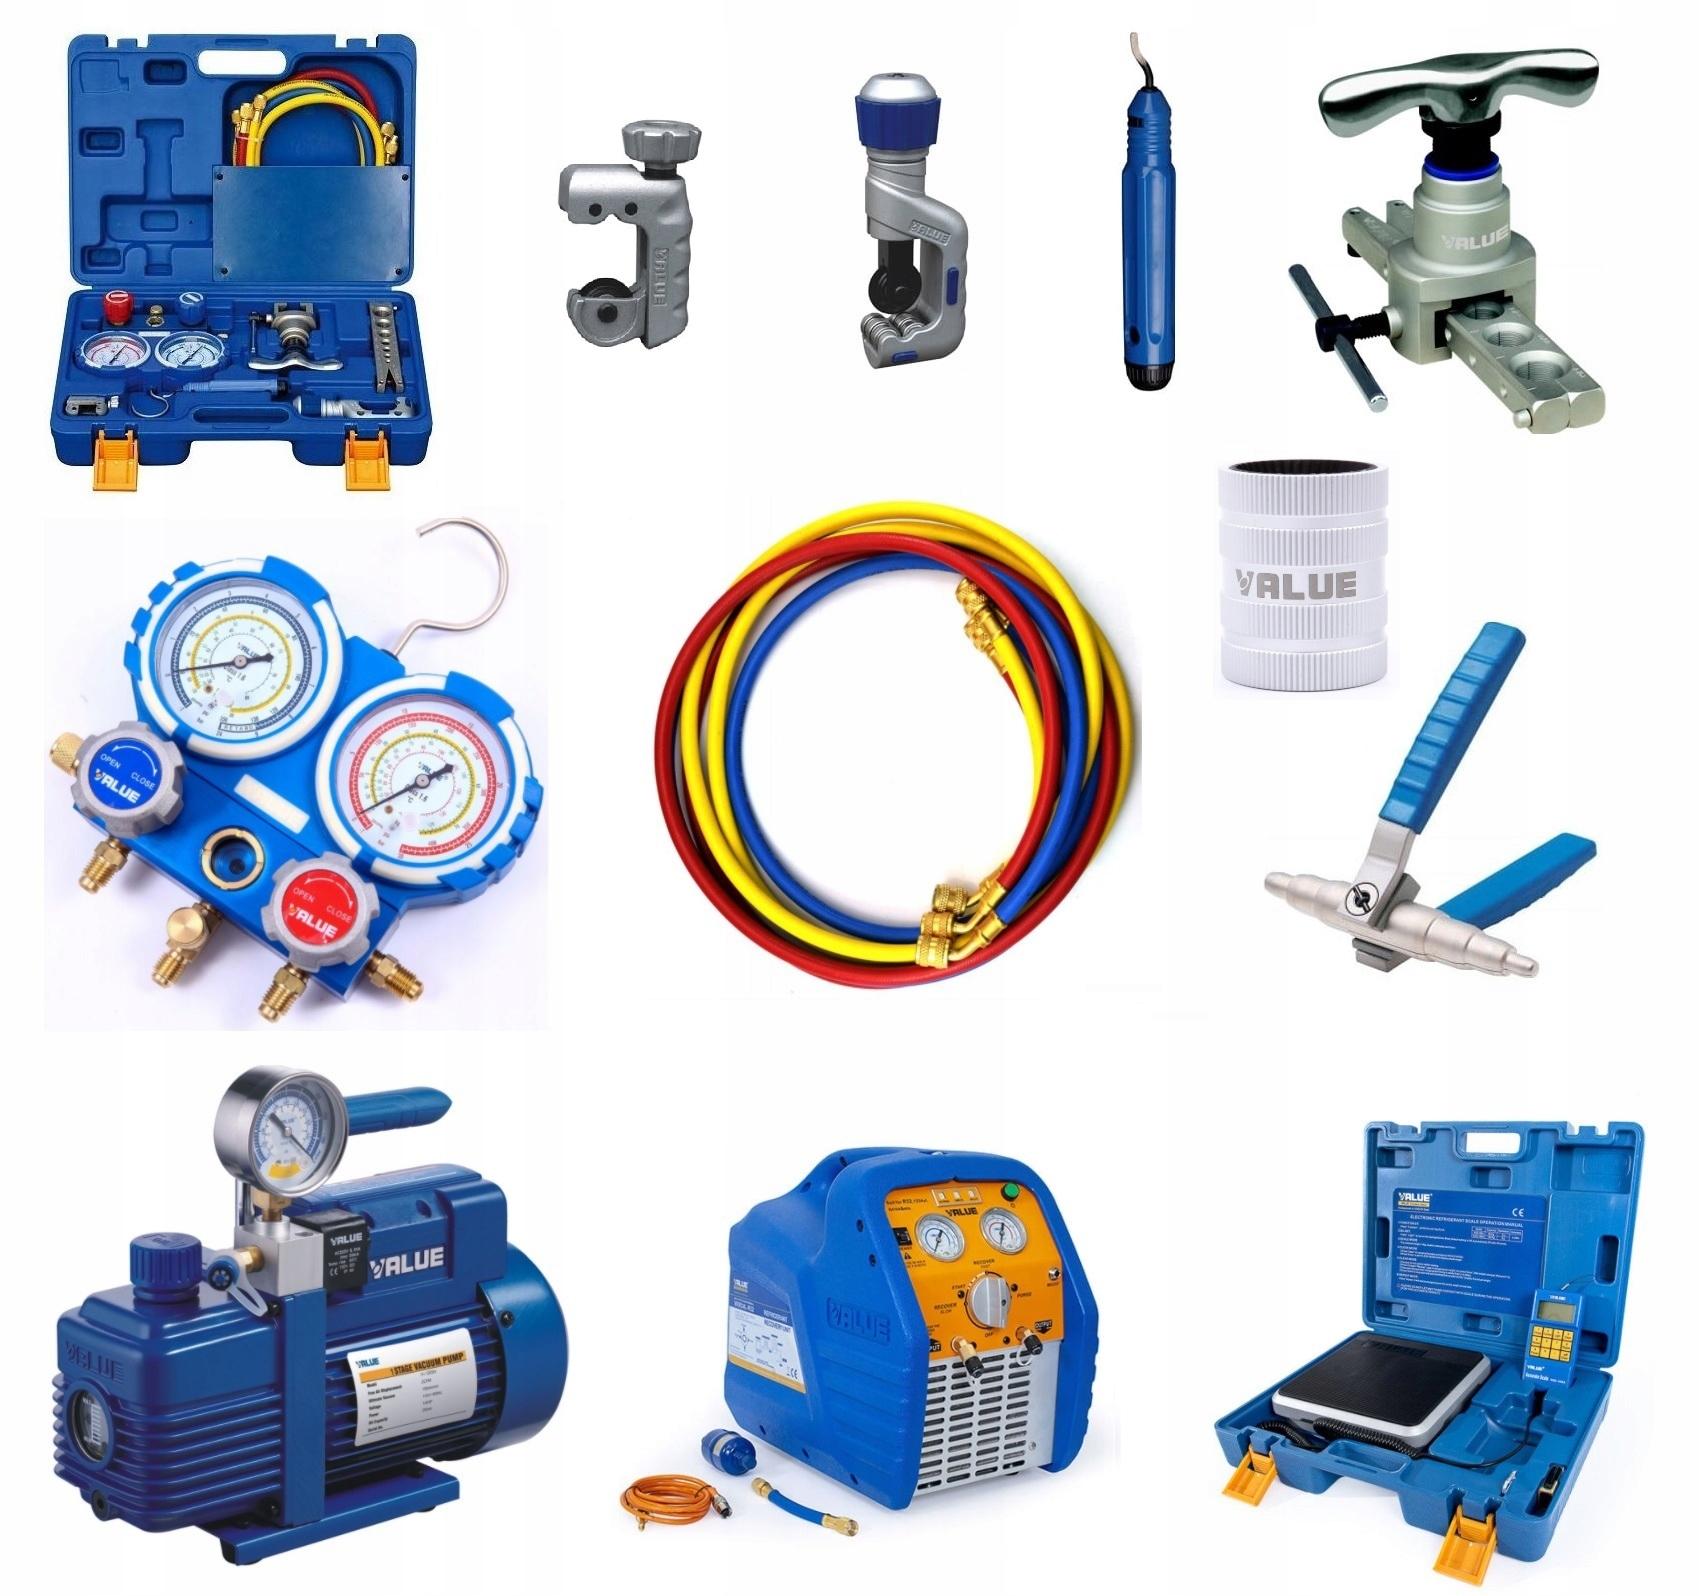 Narzędzia montażowe - narzędzia elektryczne ręczne przemysłowe do montażu